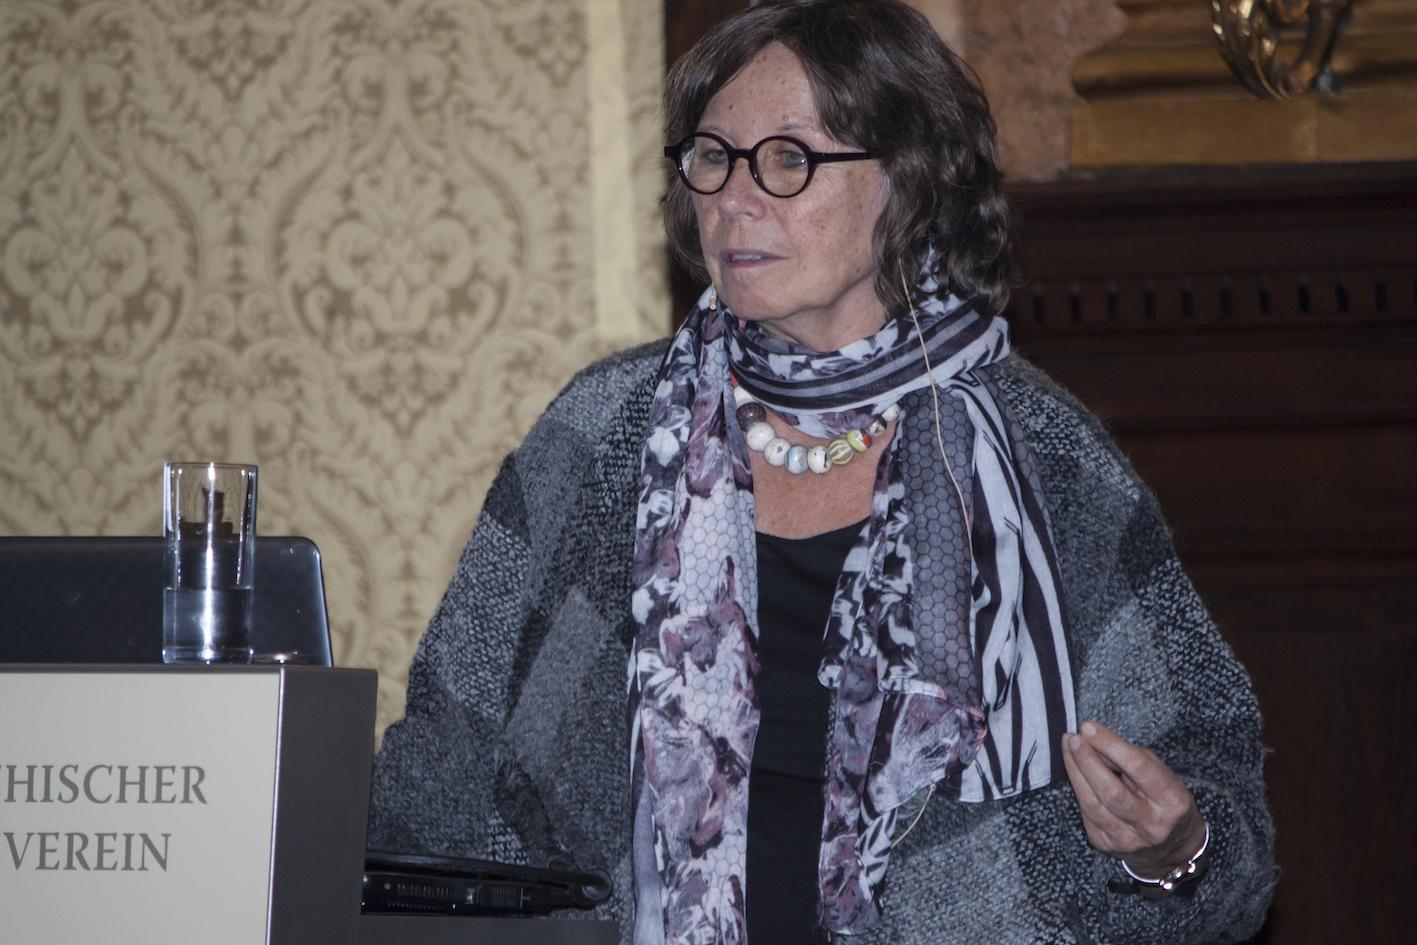 Univ. Prof. Dr. Renée Schroeder